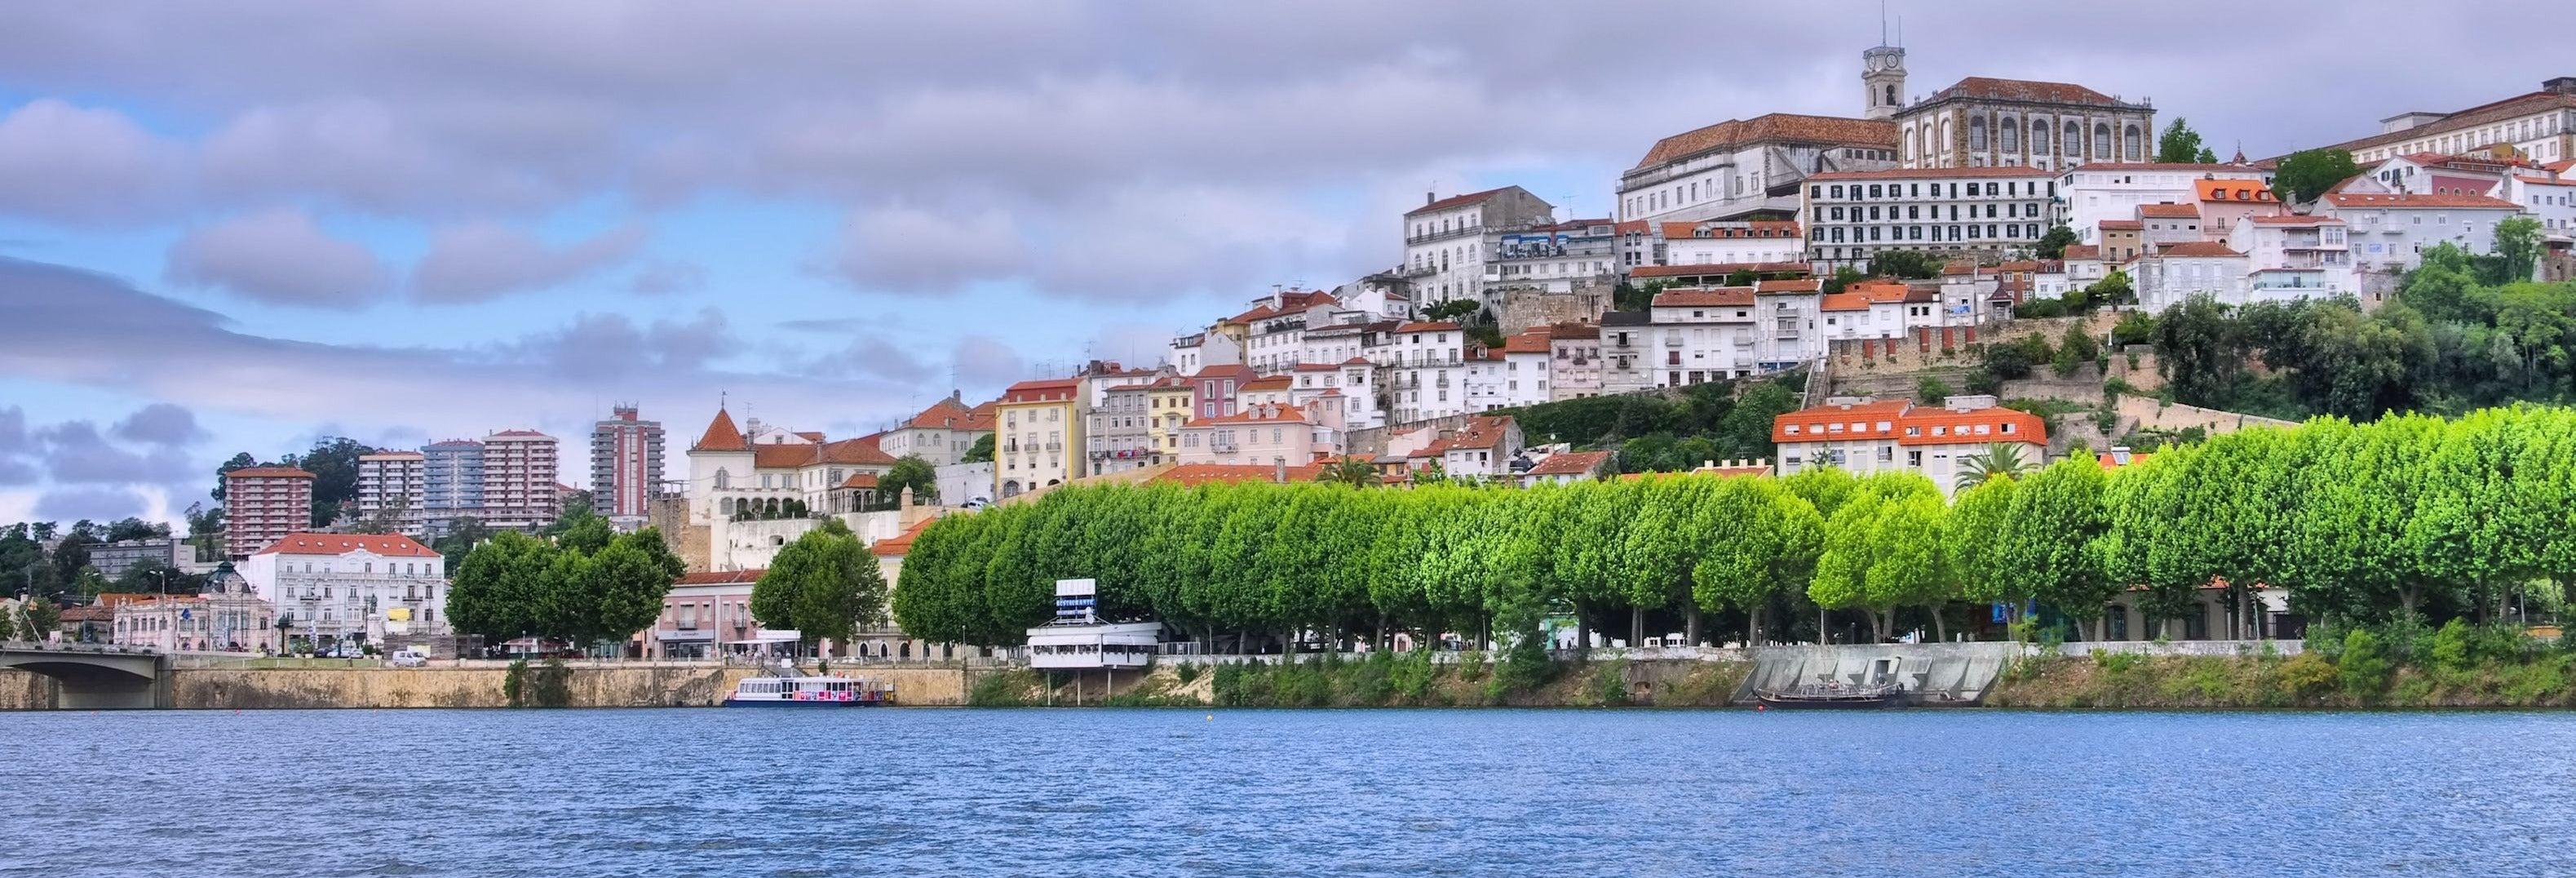 Autobus e battello turistico di Coimbra